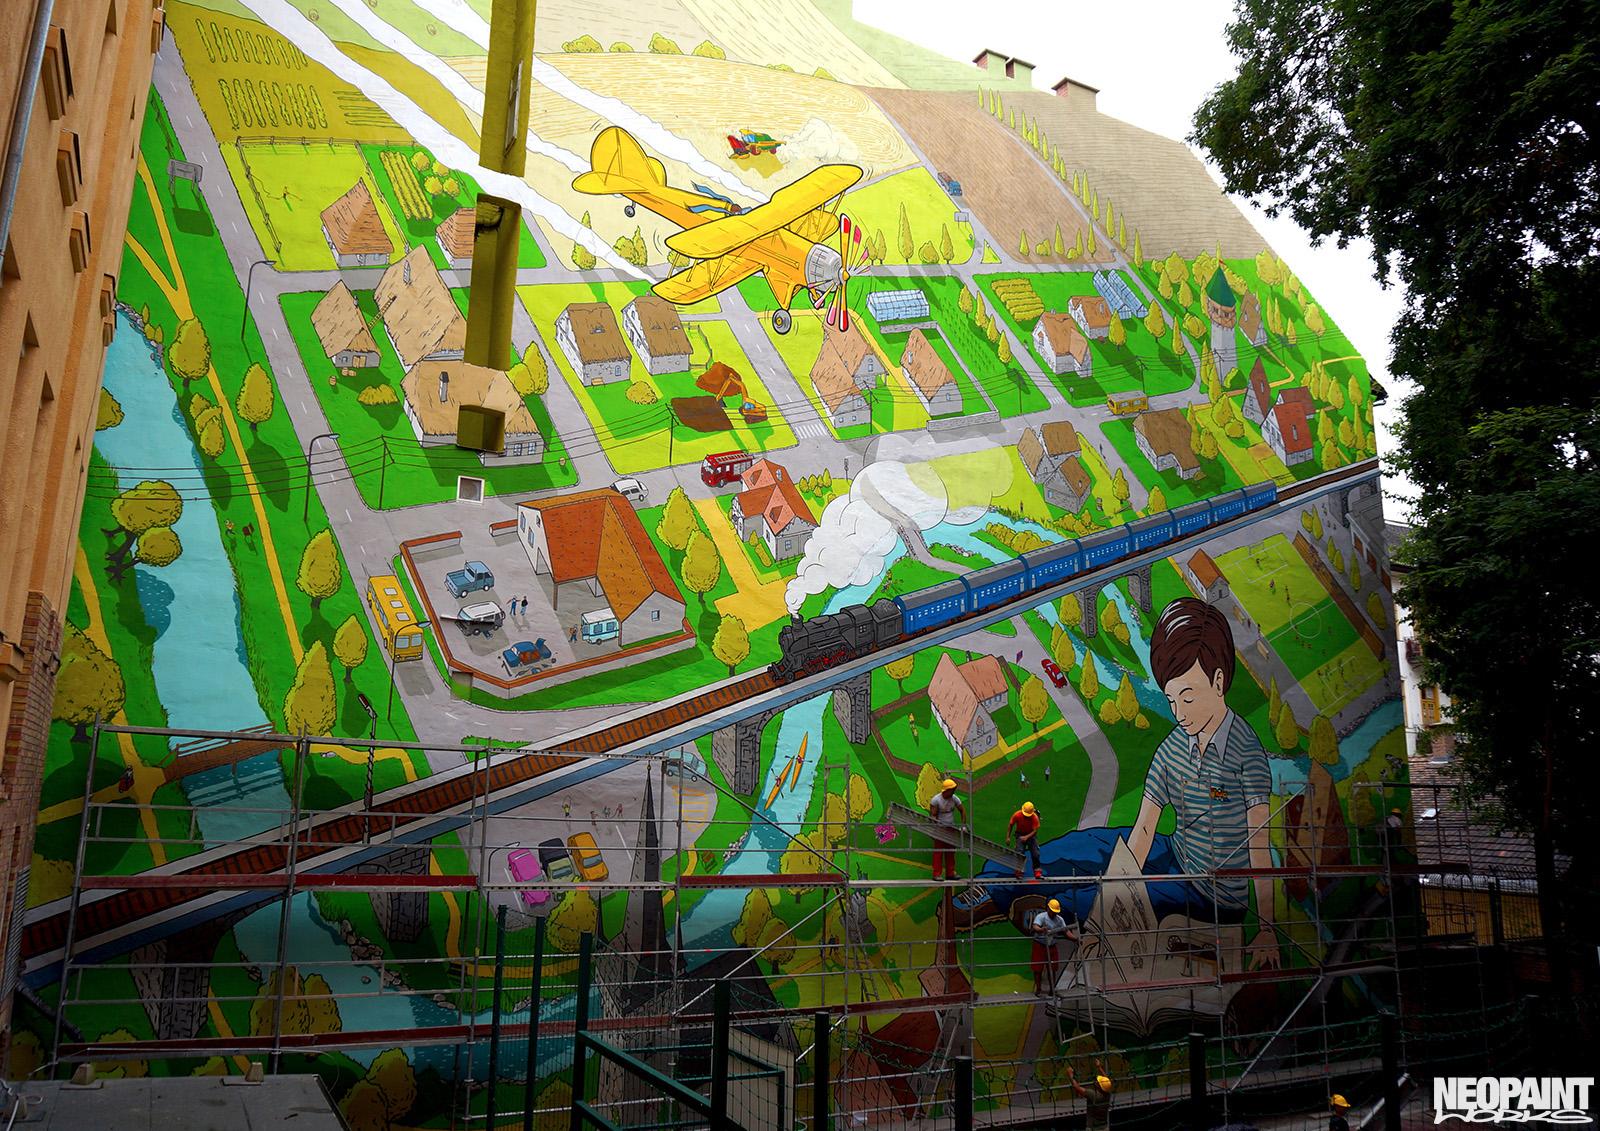 neopaint works - nagy méretű falfestmény - tűzfalfestmény - színes tűzfal